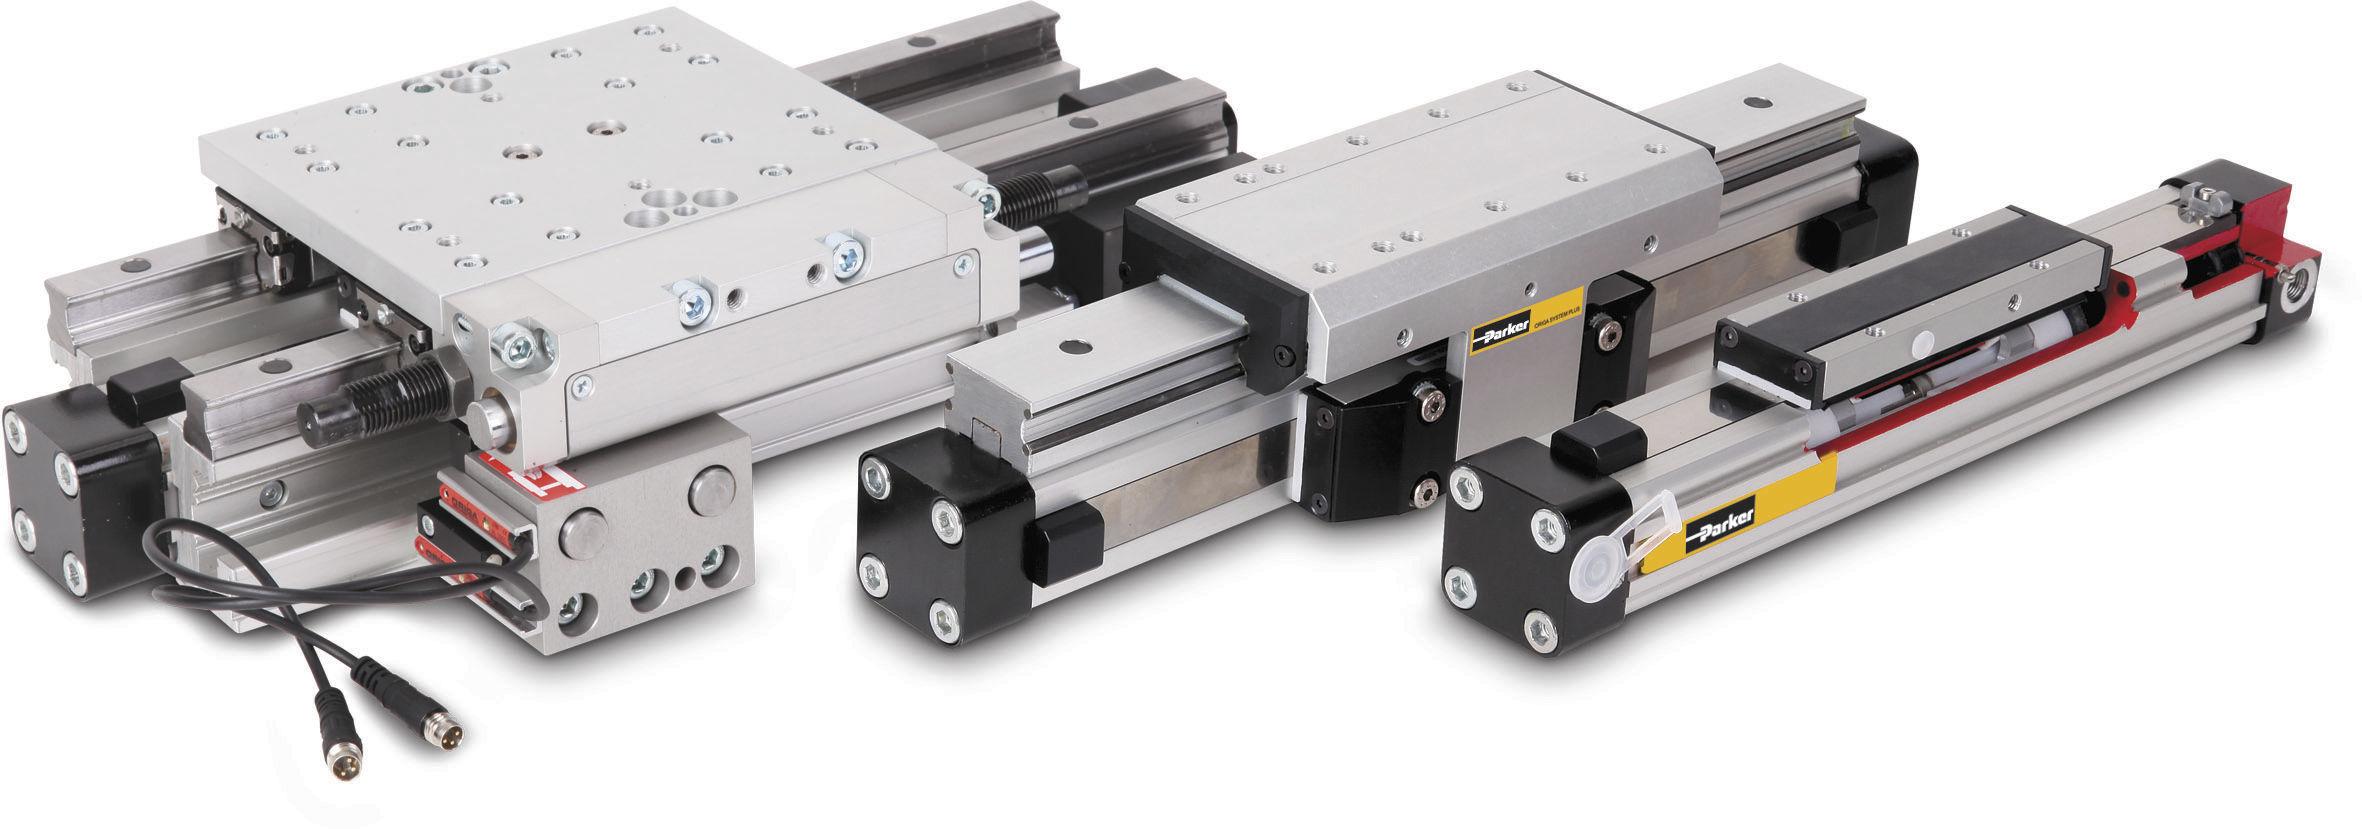 pneumatic-actuator-linear-rodless-522-5302383